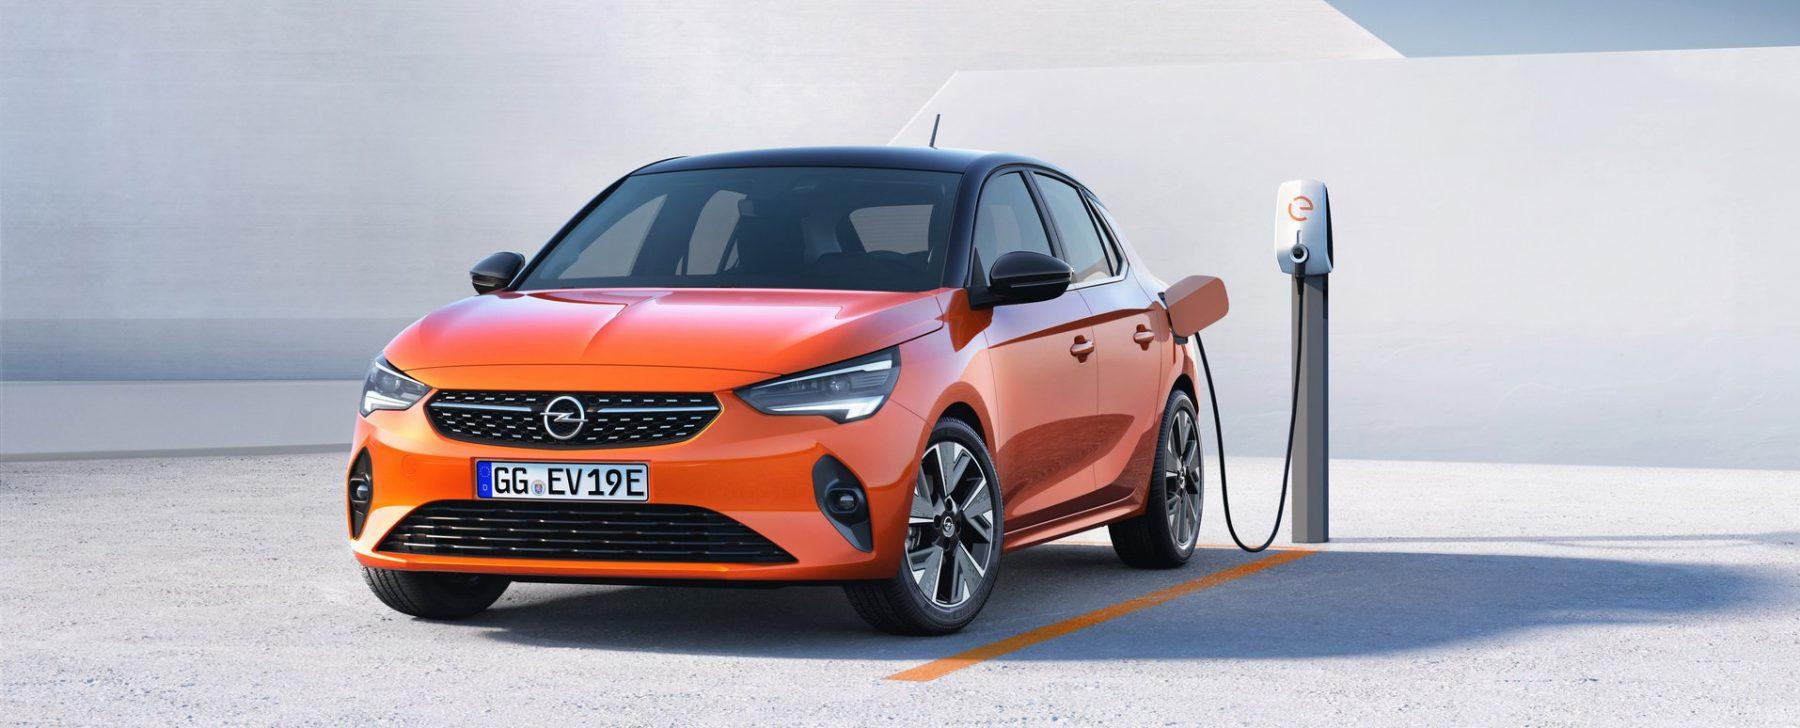 El nuevo Opel Corsa es un eléctrico con 330 kilómetros de autonomía